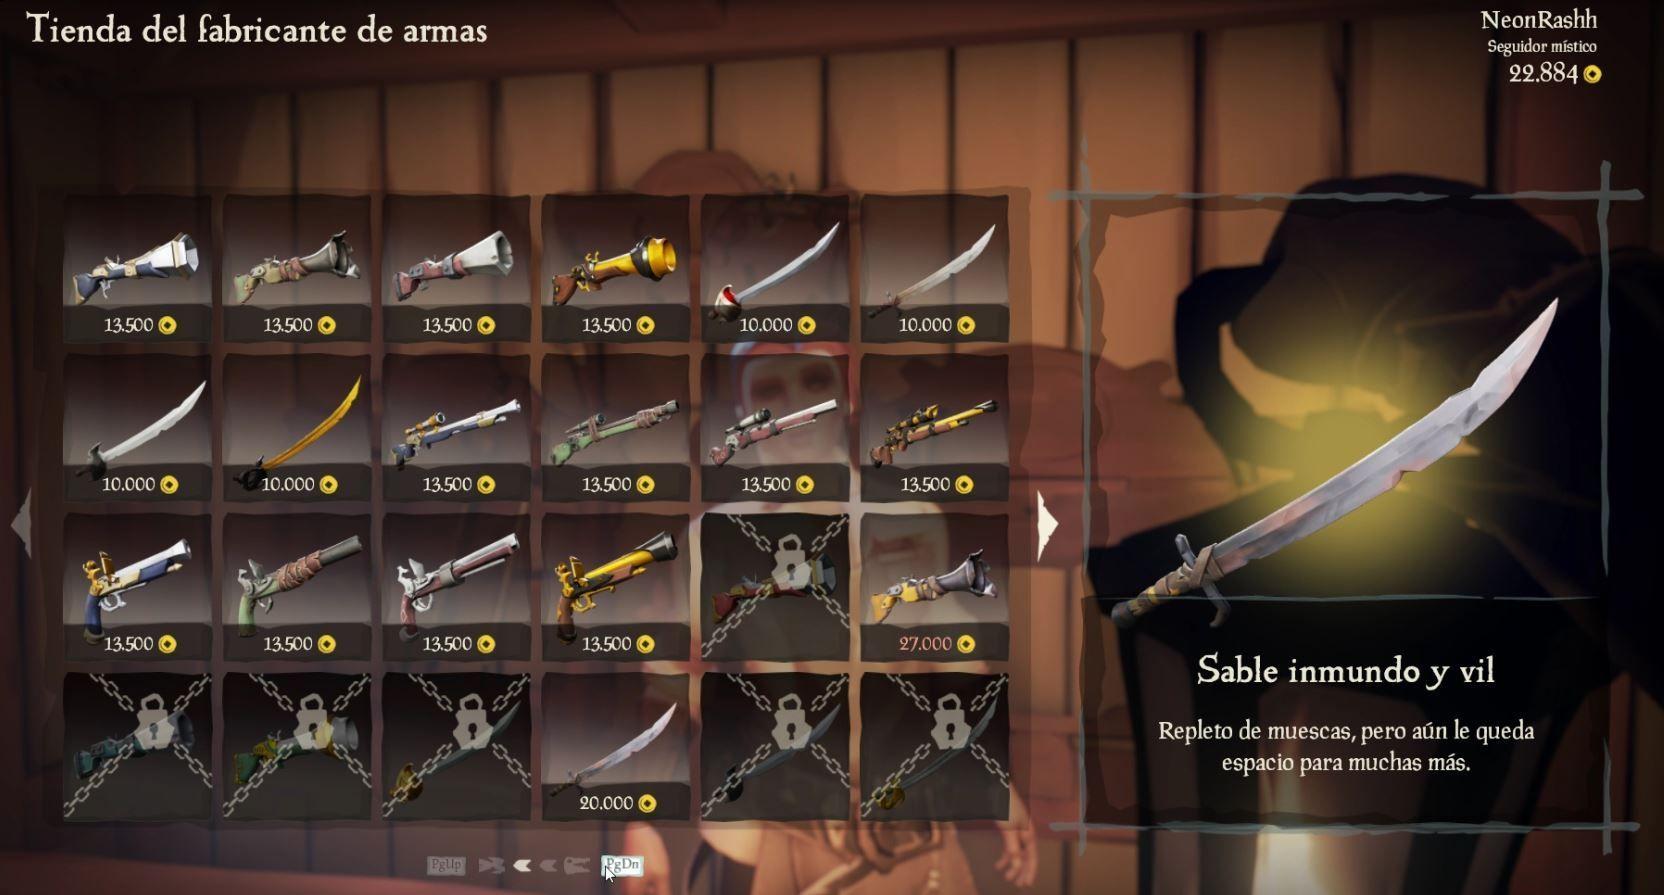 tienda armas 1